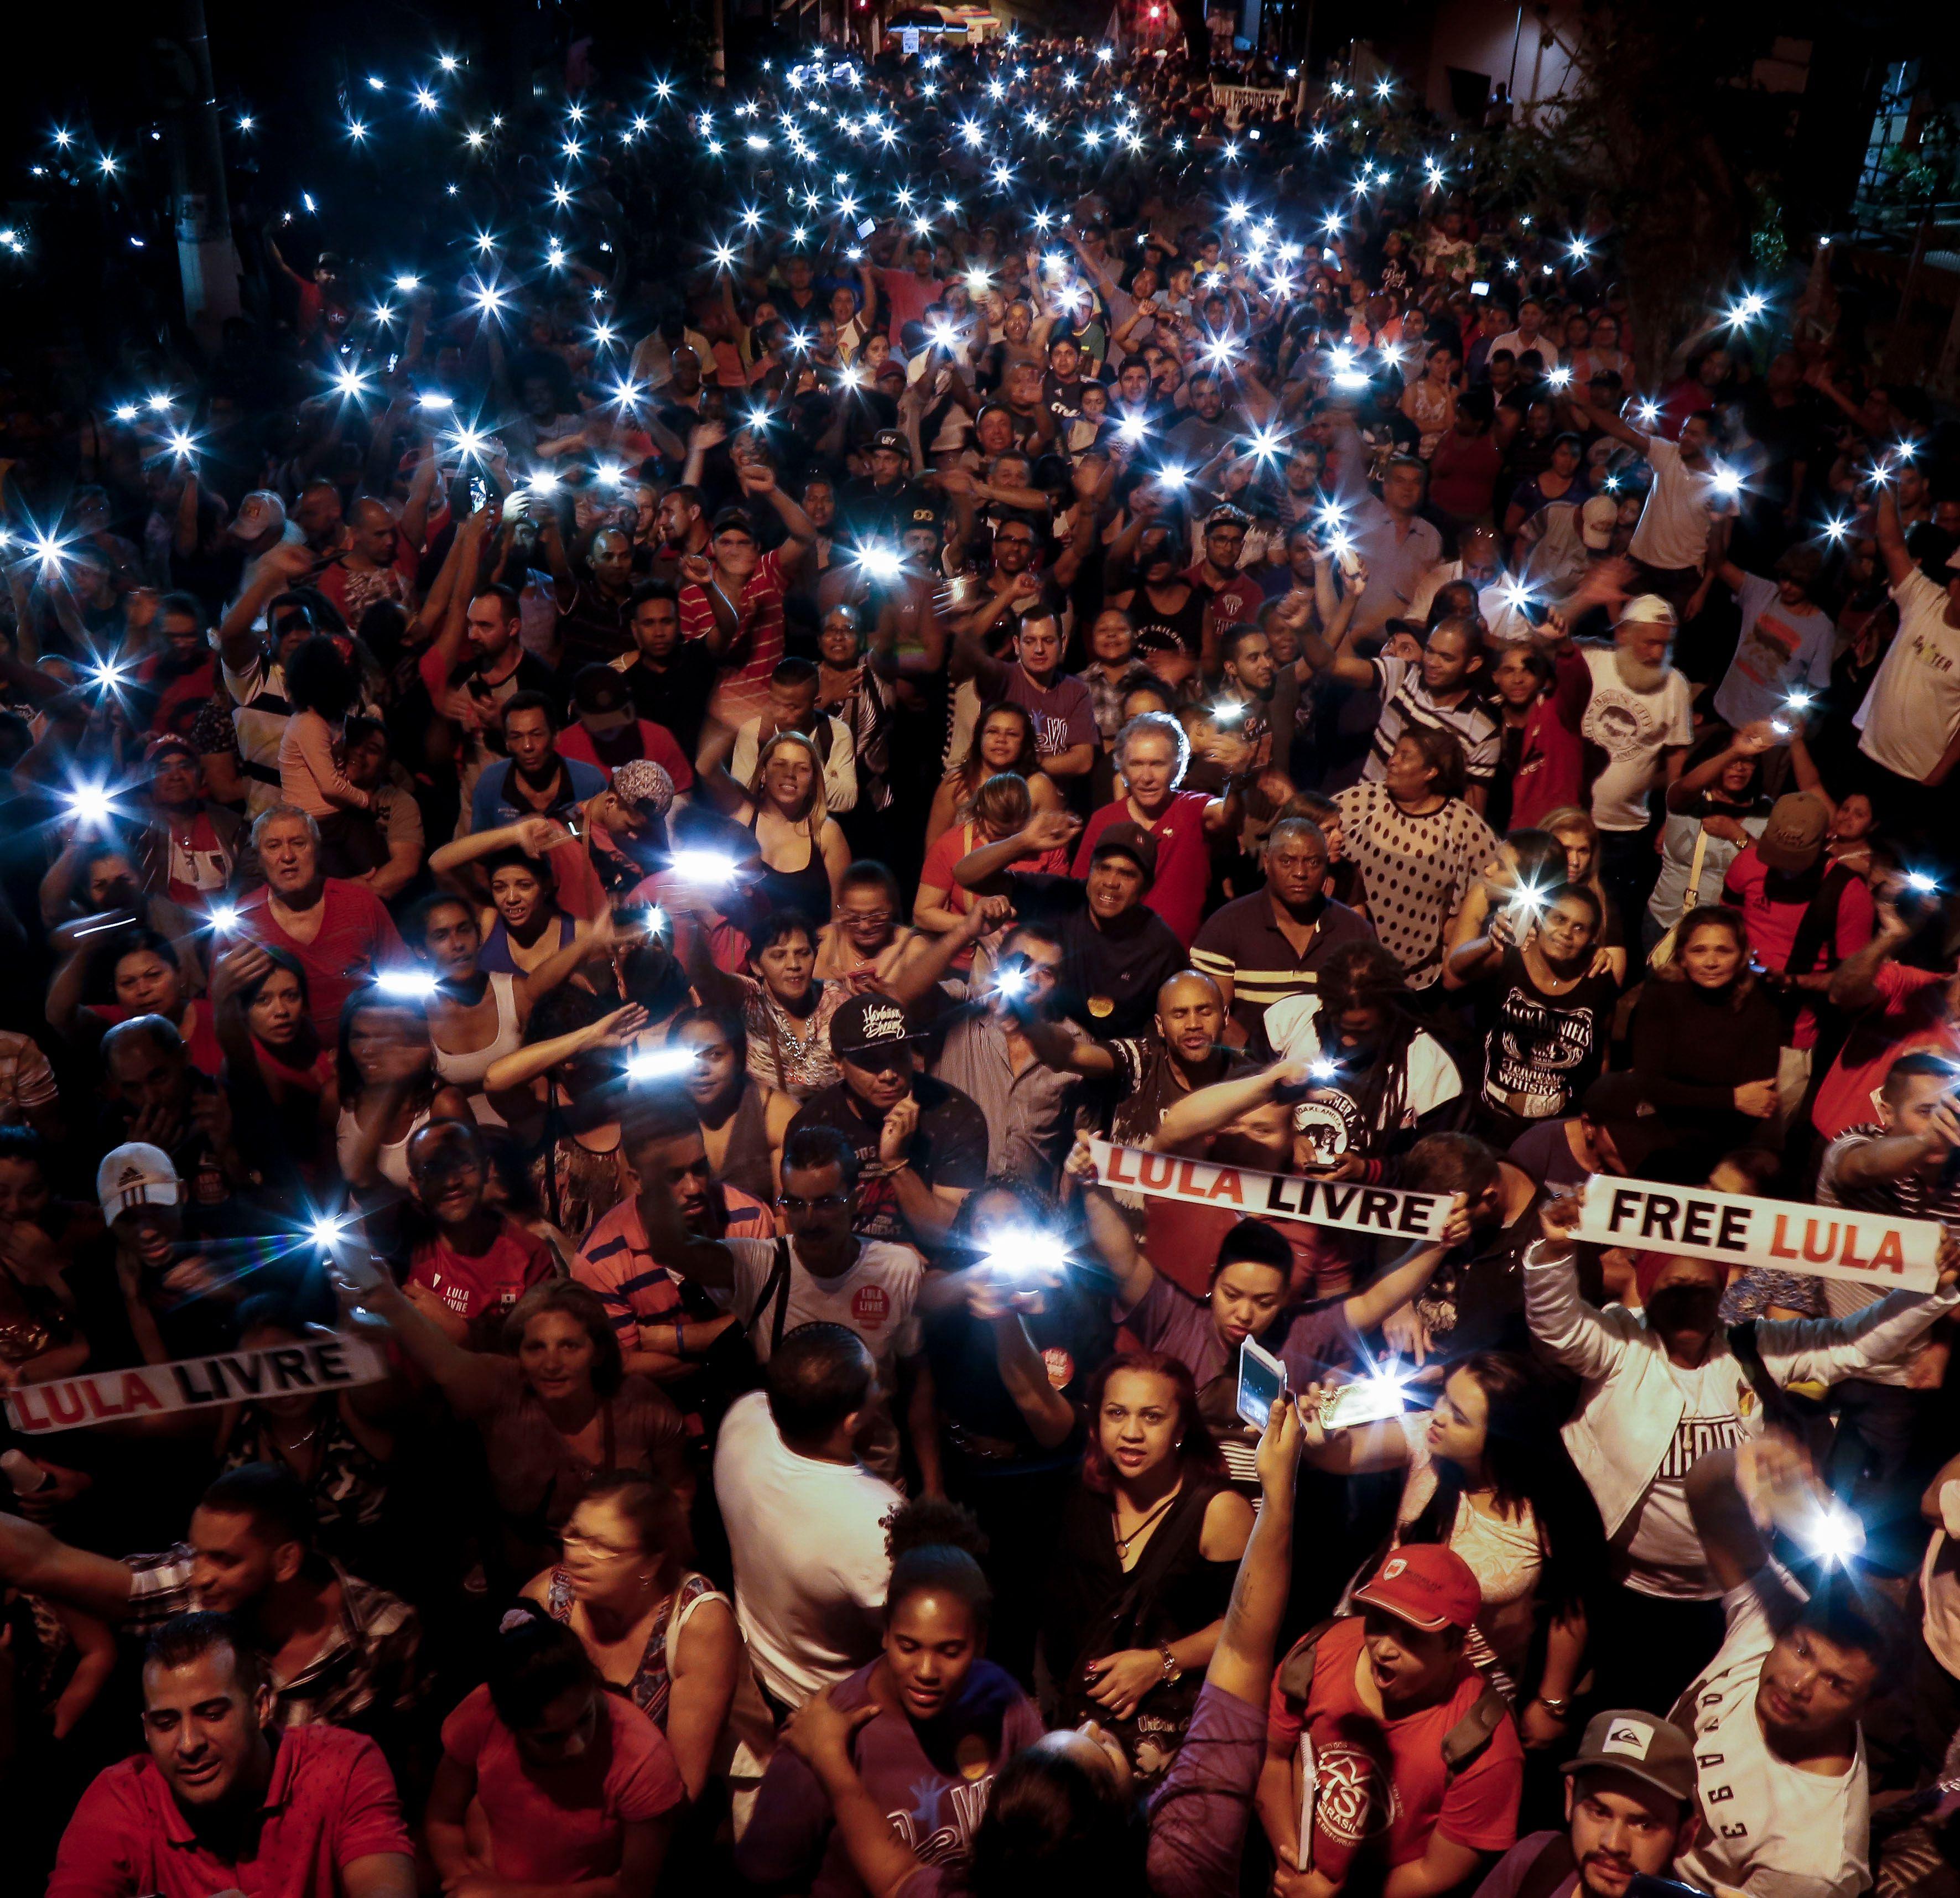 المظاهرات فى مدينة كوريتيبا البرازيلية